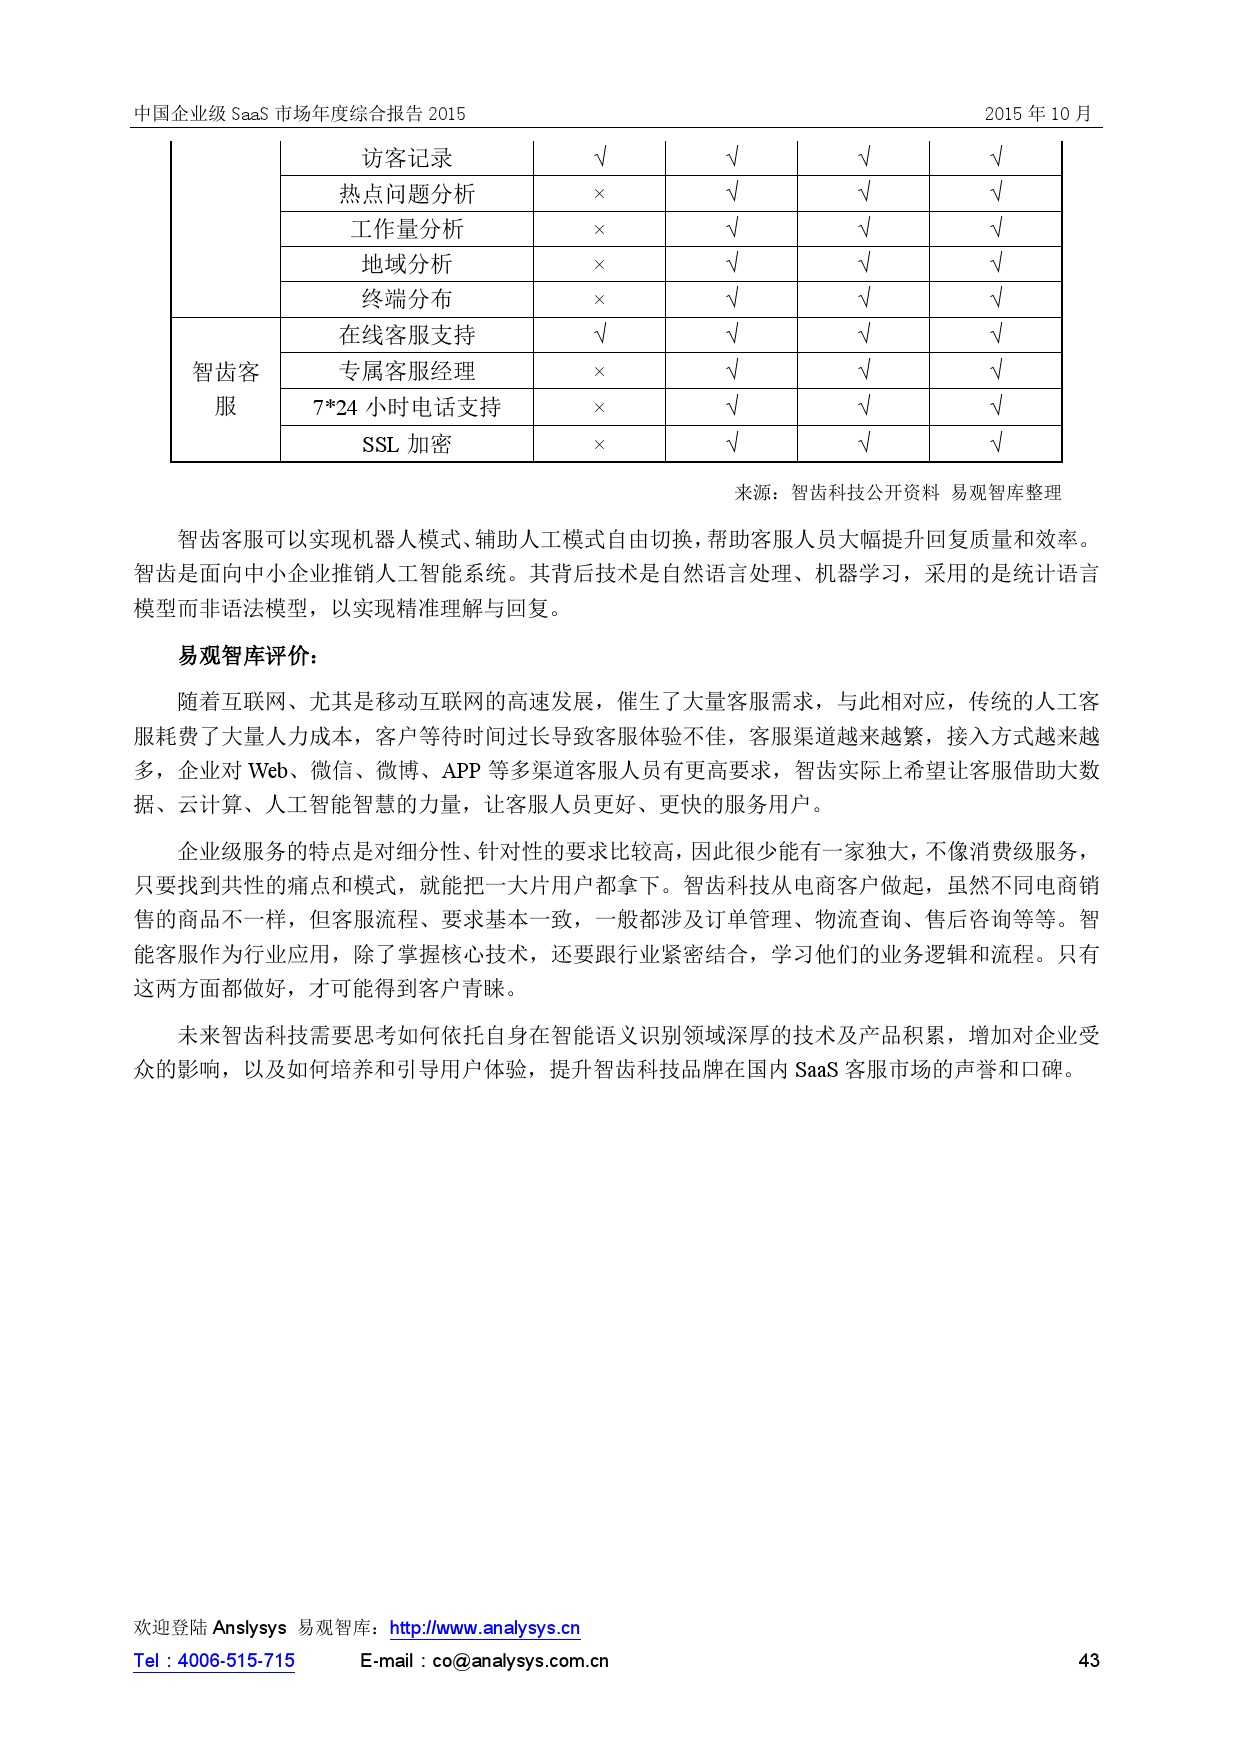 中国企业级SaaS市场年度综合报告2015 01_000043